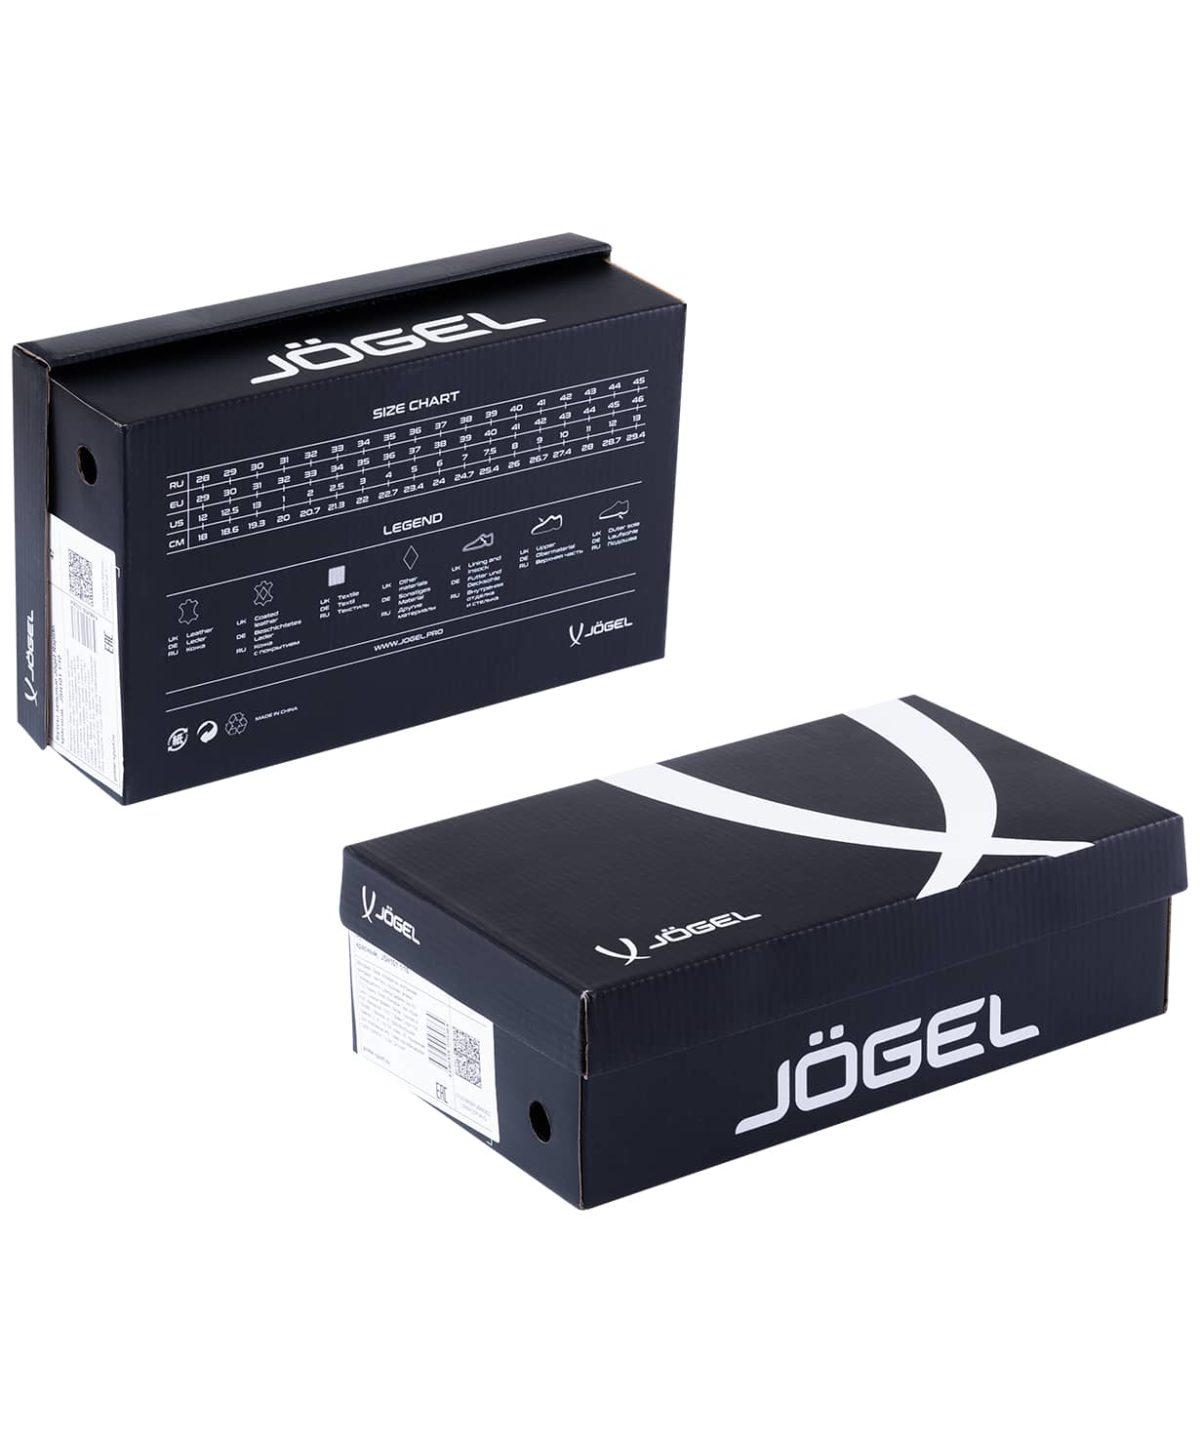 JOGEL Бутсы многошиповые Mondo р.34-38  JSH202Y: чёрный - 3